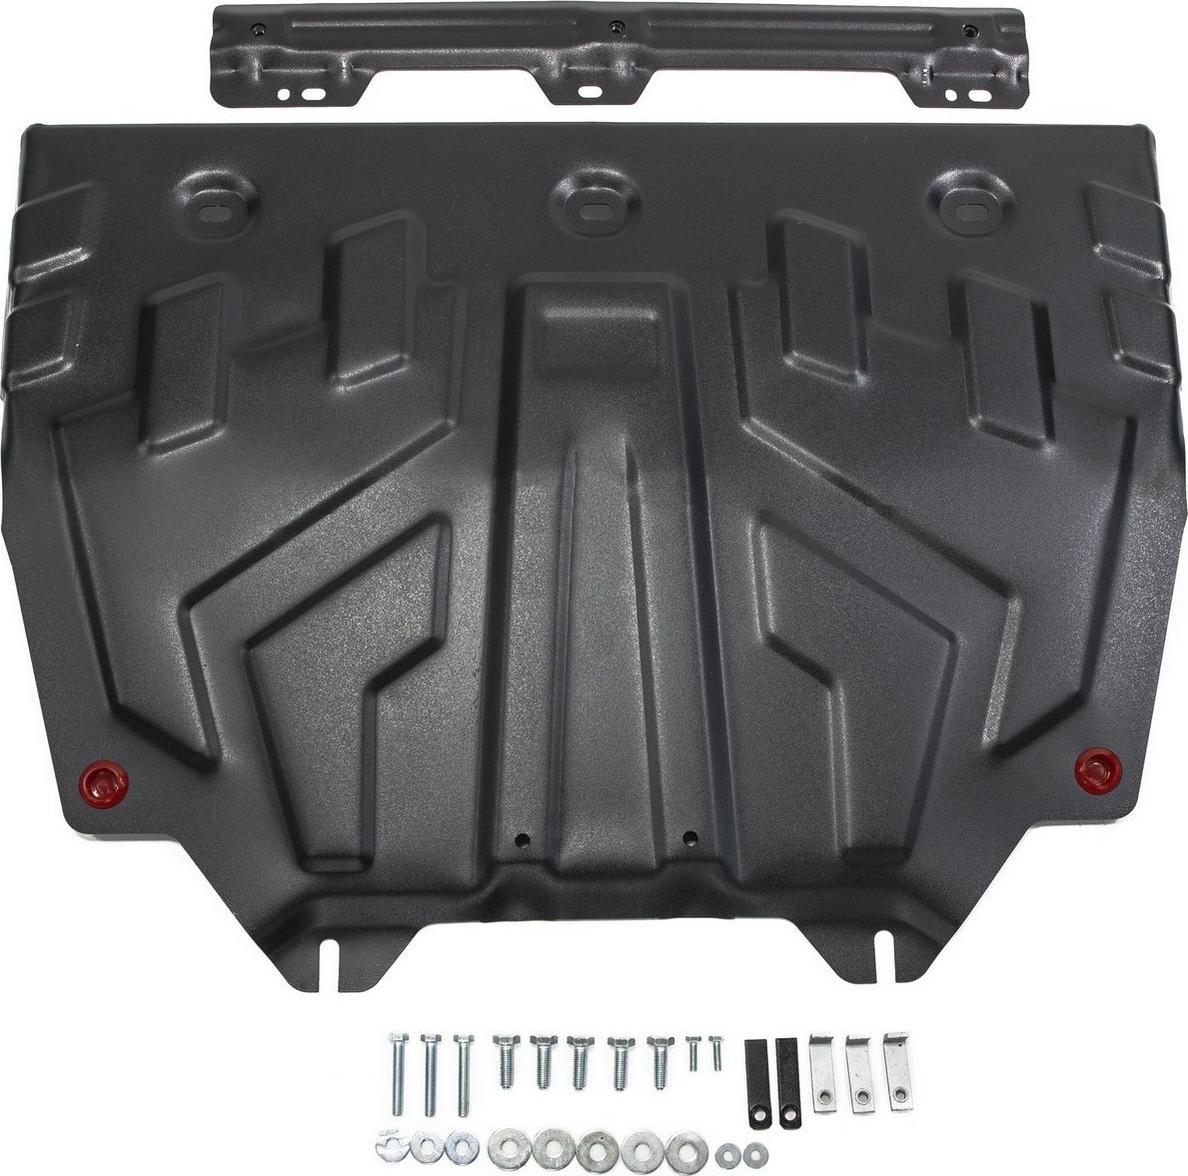 Защита картера и КПП Автоброня (увеличенная) для Mazda 3 2013-н.в./6 2012-2015 2015-н.в./CX-5 2011-2015 2015-2017 2017-н.в./CX-9 2017-н.в., сталь 2 мм, с крепежом. 111.03817.1111.03817.1Защита картера и КПП Автоброня (увеличенная) для Mazda 3 (V - 1.5; 1.6; 2.0) 2013-н.в./Mazda 6 (V - 2.0; 2.5) 2012-2015/Mazda 6 (V - 2.0; 2.5) 2015-н.в./Mazda CX-5 (V - 2.0; 2.5) 2011-2015/Mazda CX-5 (V - 2.0; 2.5) 2015-2017/Mazda CX-5 (V - 2.0; 2.5) АКПП 2017-н.в./Mazda CX-9 (V - 2.5) 2017-н.в., сталь 2 мм, с крепежом, 111.03817.1 Стальные защиты Автоброня надежно защищают ваш автомобиль от повреждений при наезде на бордюры, выступающие канализационные люки, кромки поврежденного асфальта или при ремонте дорог, не говоря уже о загородных дорогах. - Имеют оптимальное соотношение цена-качество. - Спроектированы с учетом особенностей автомобиля, что делает установку удобной. - Защита устанавливается в штатные места кузова автомобиля. - Является надежной защитой для важных элементов на протяжении долгих лет. - Глубокий штамп дополнительно усиливает конструкцию защиты. - Подштамповка в местах крепления защищает крепеж от срезания. - Технологические отверстия там, где они необходимы для смены масла и слива воды, оборудованные заглушками, закрепленными на защите.